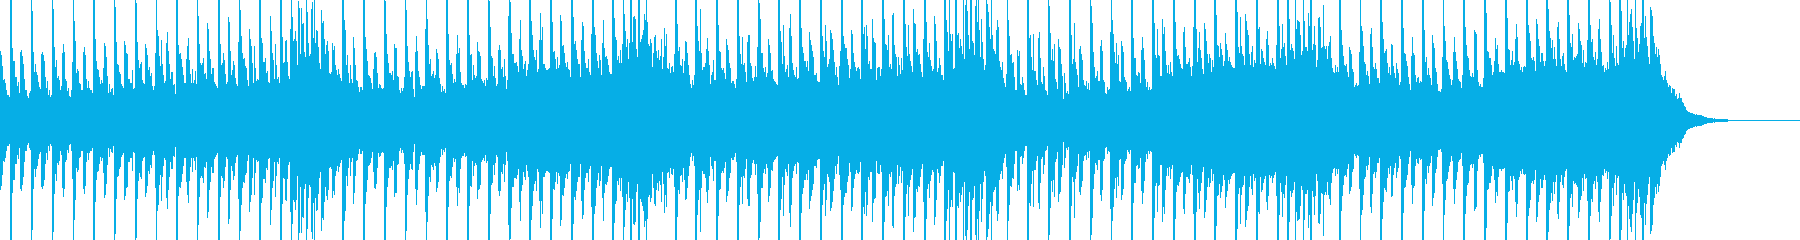 バトル:接戦や緊迫感のあるテクノ60秒の再生済みの波形